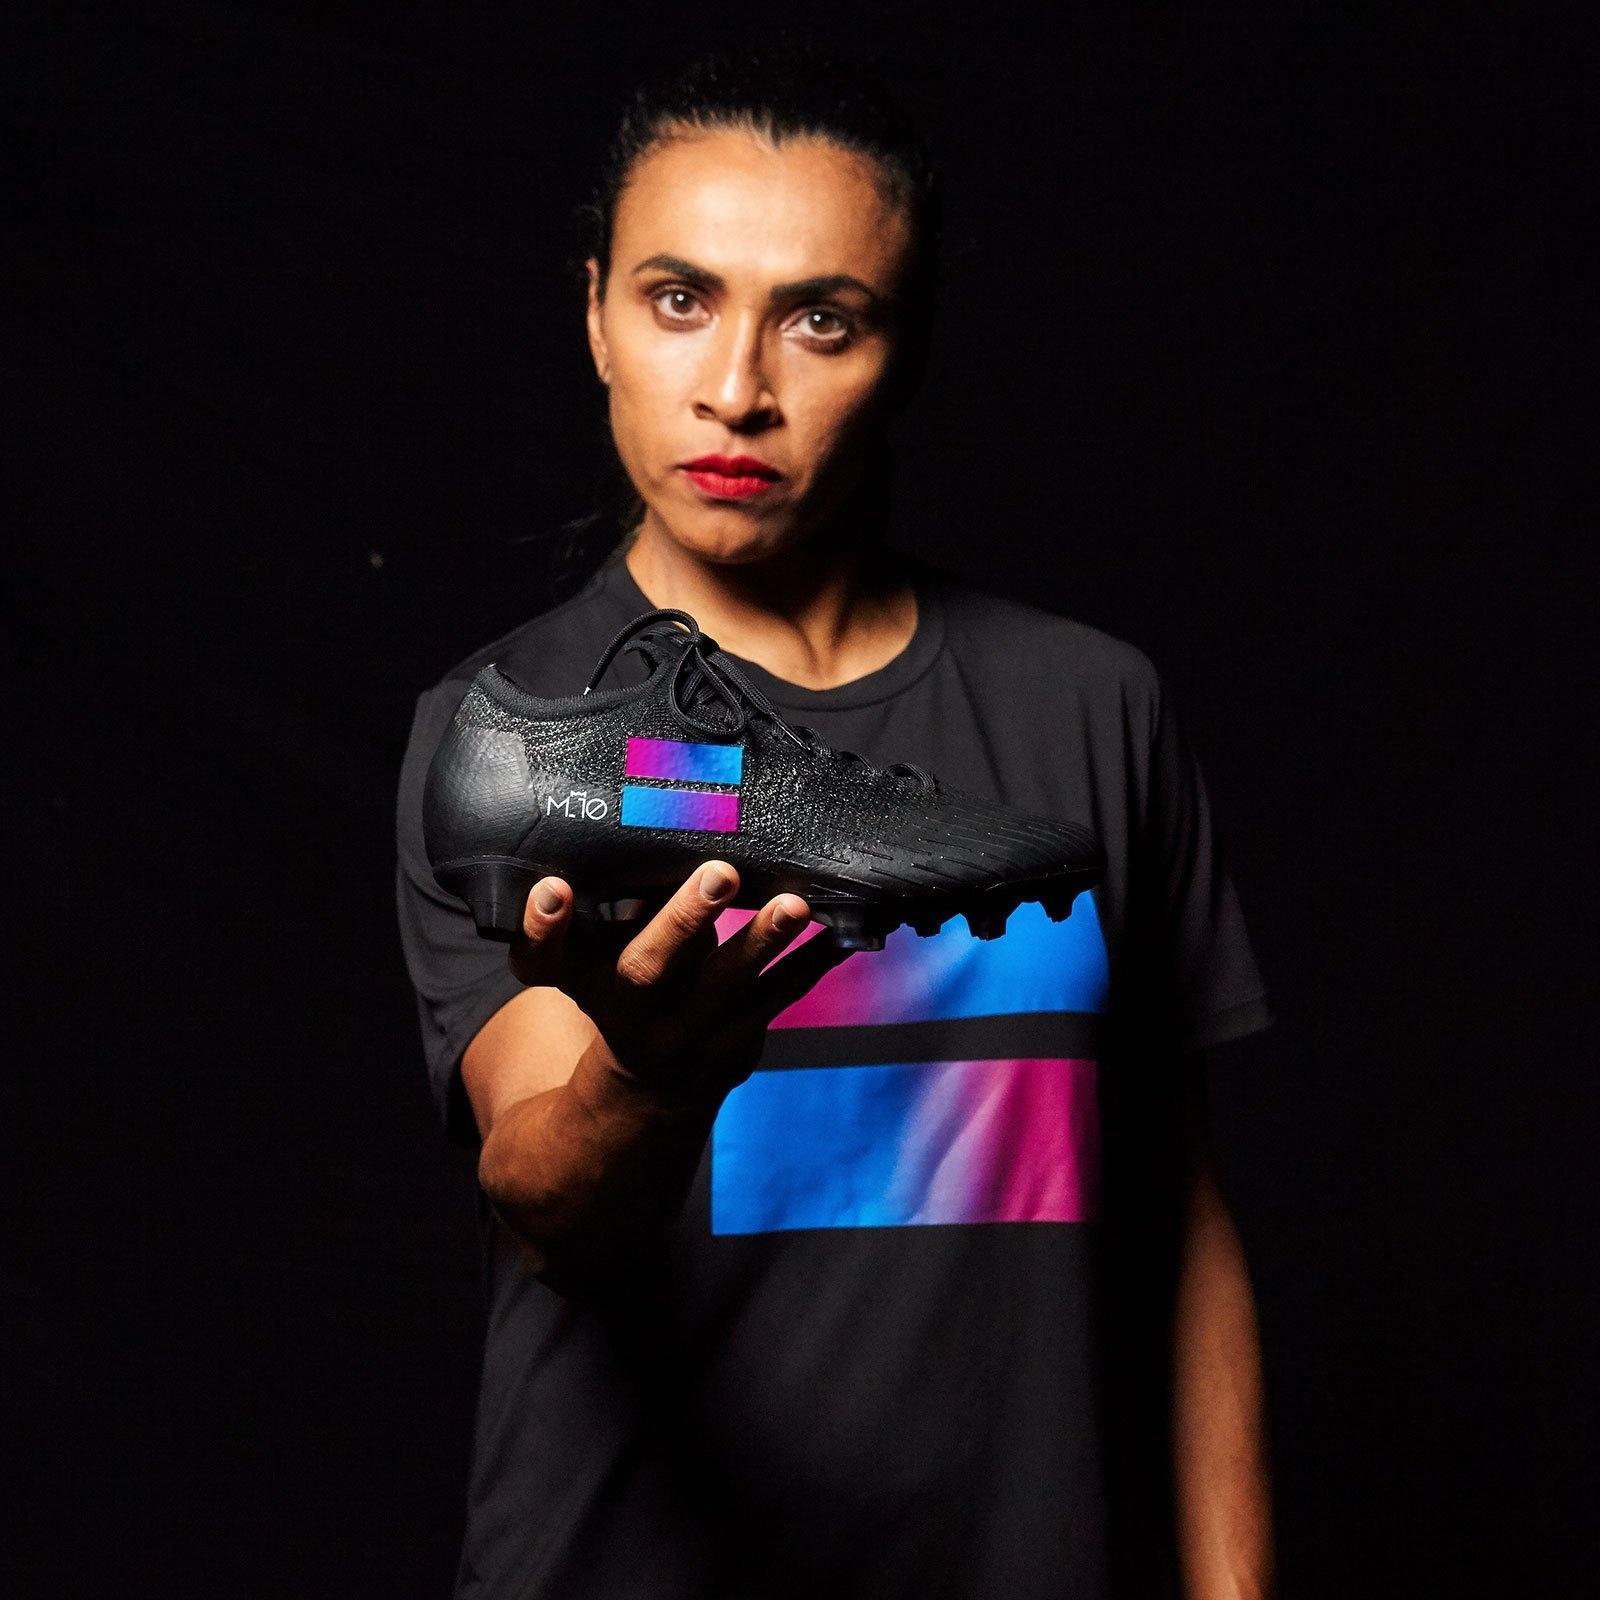 Marta na campanha por equidade de gênero